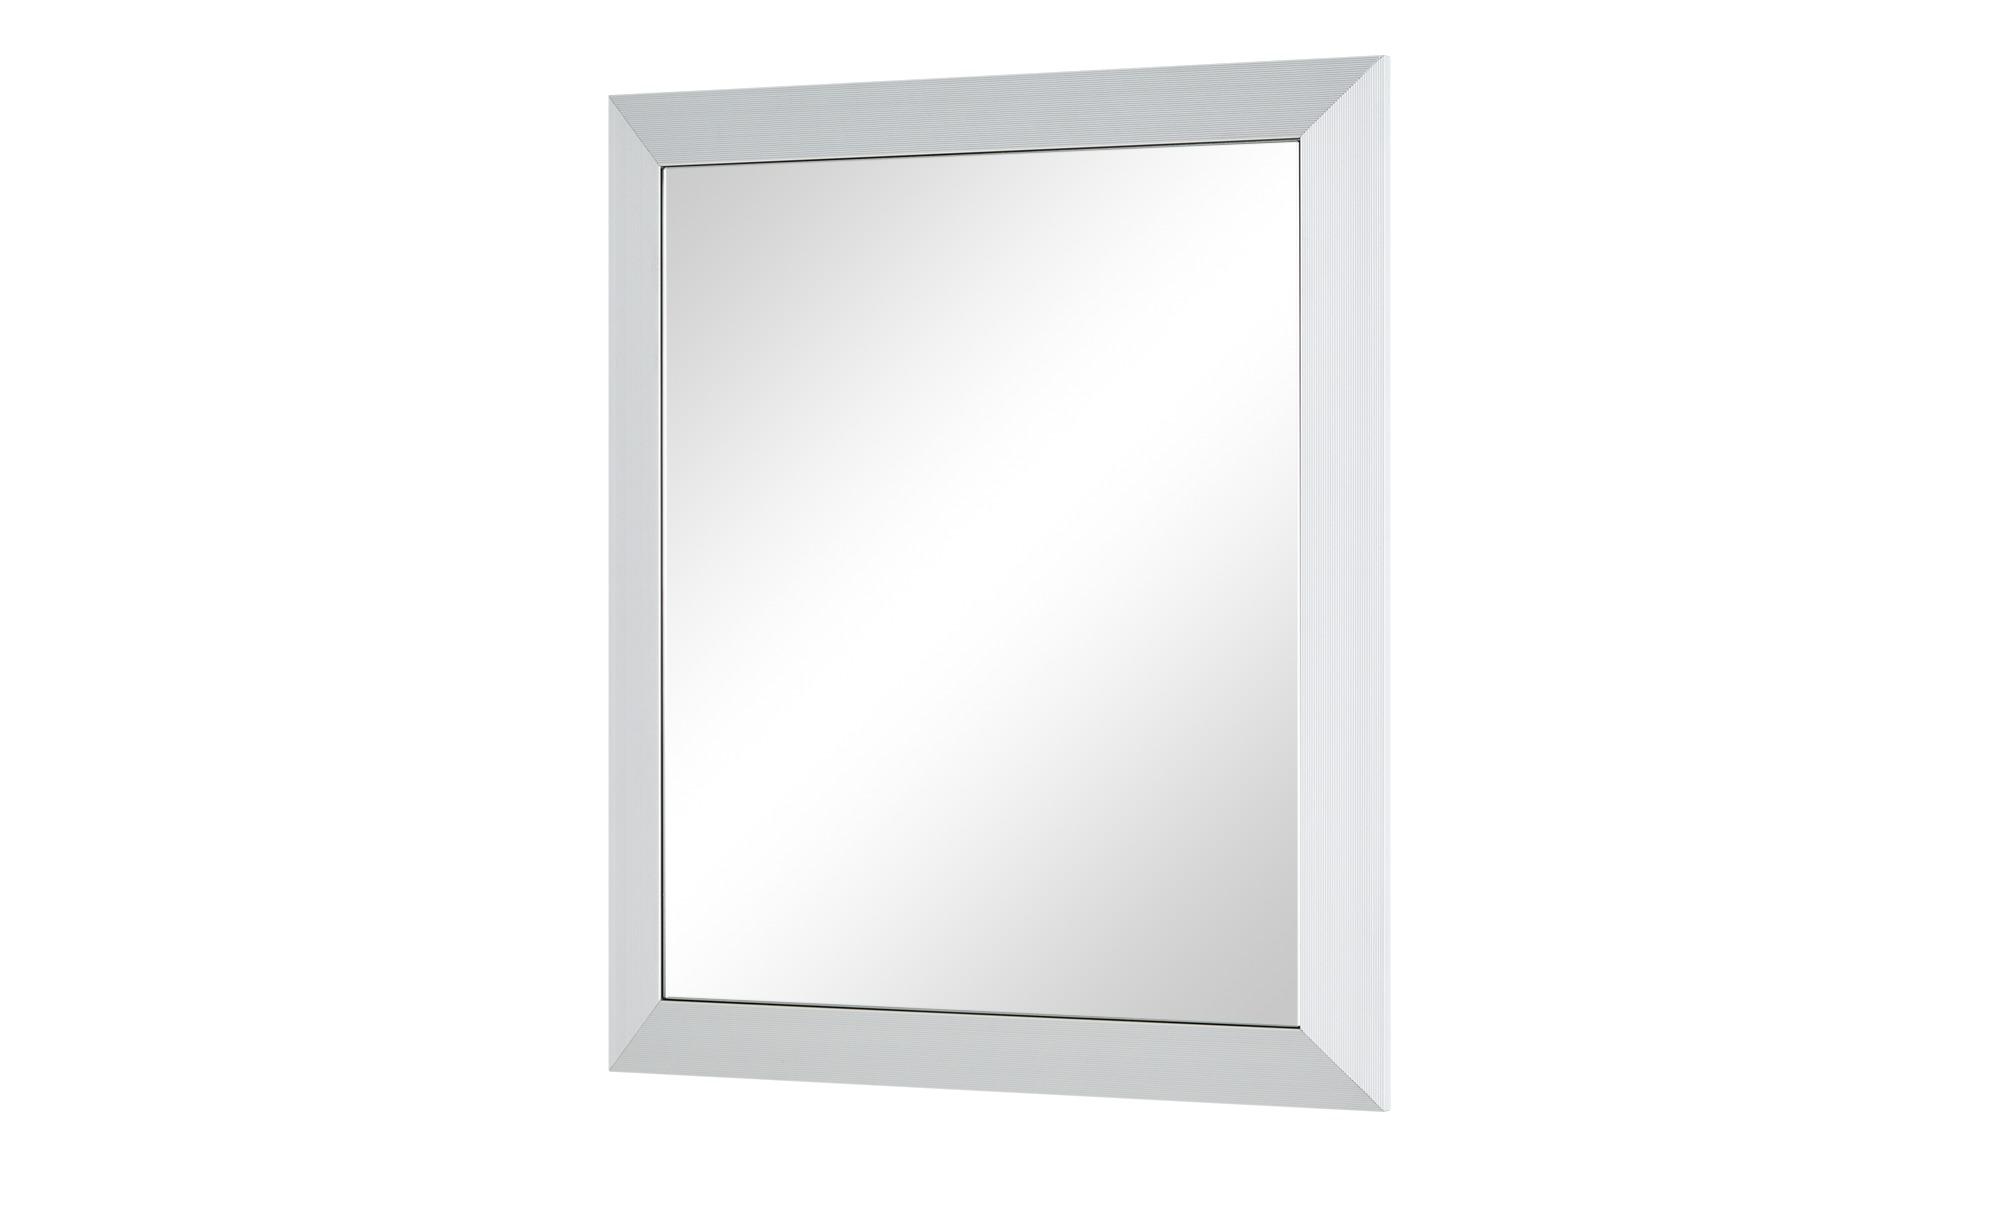 Wohnwert Spiegel  Intro - silber - 58 cm - 67 cm - 5 cm - Garderoben & Kleiderstangen > Spiegel - Möbel Kraft | Flur & Diele > Spiegel | Wohnwert